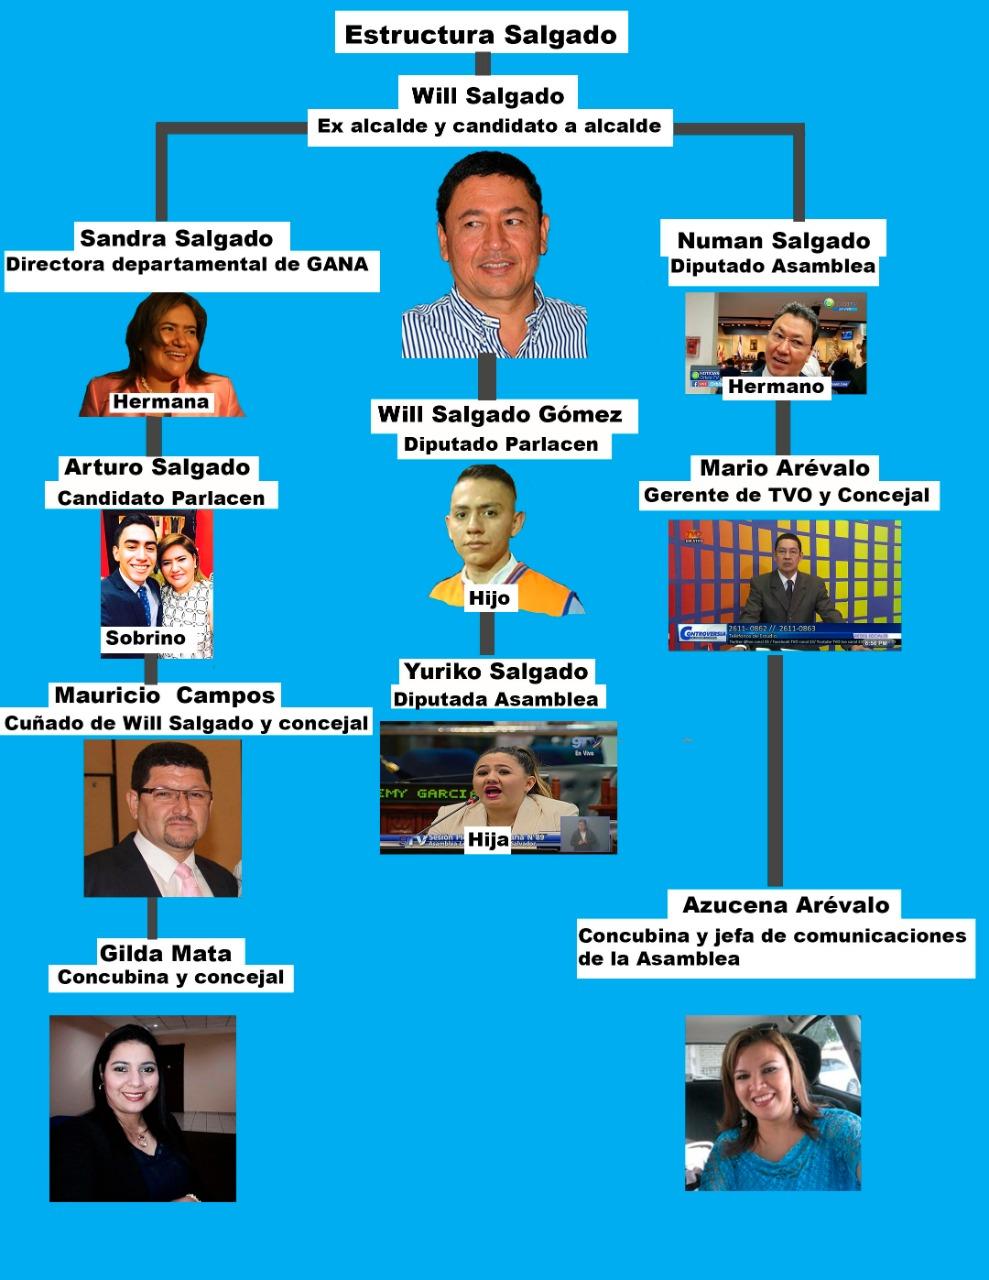 Will Salgado el ex-alcalde, actual candidato por San Miguel y su forma de gobernar!